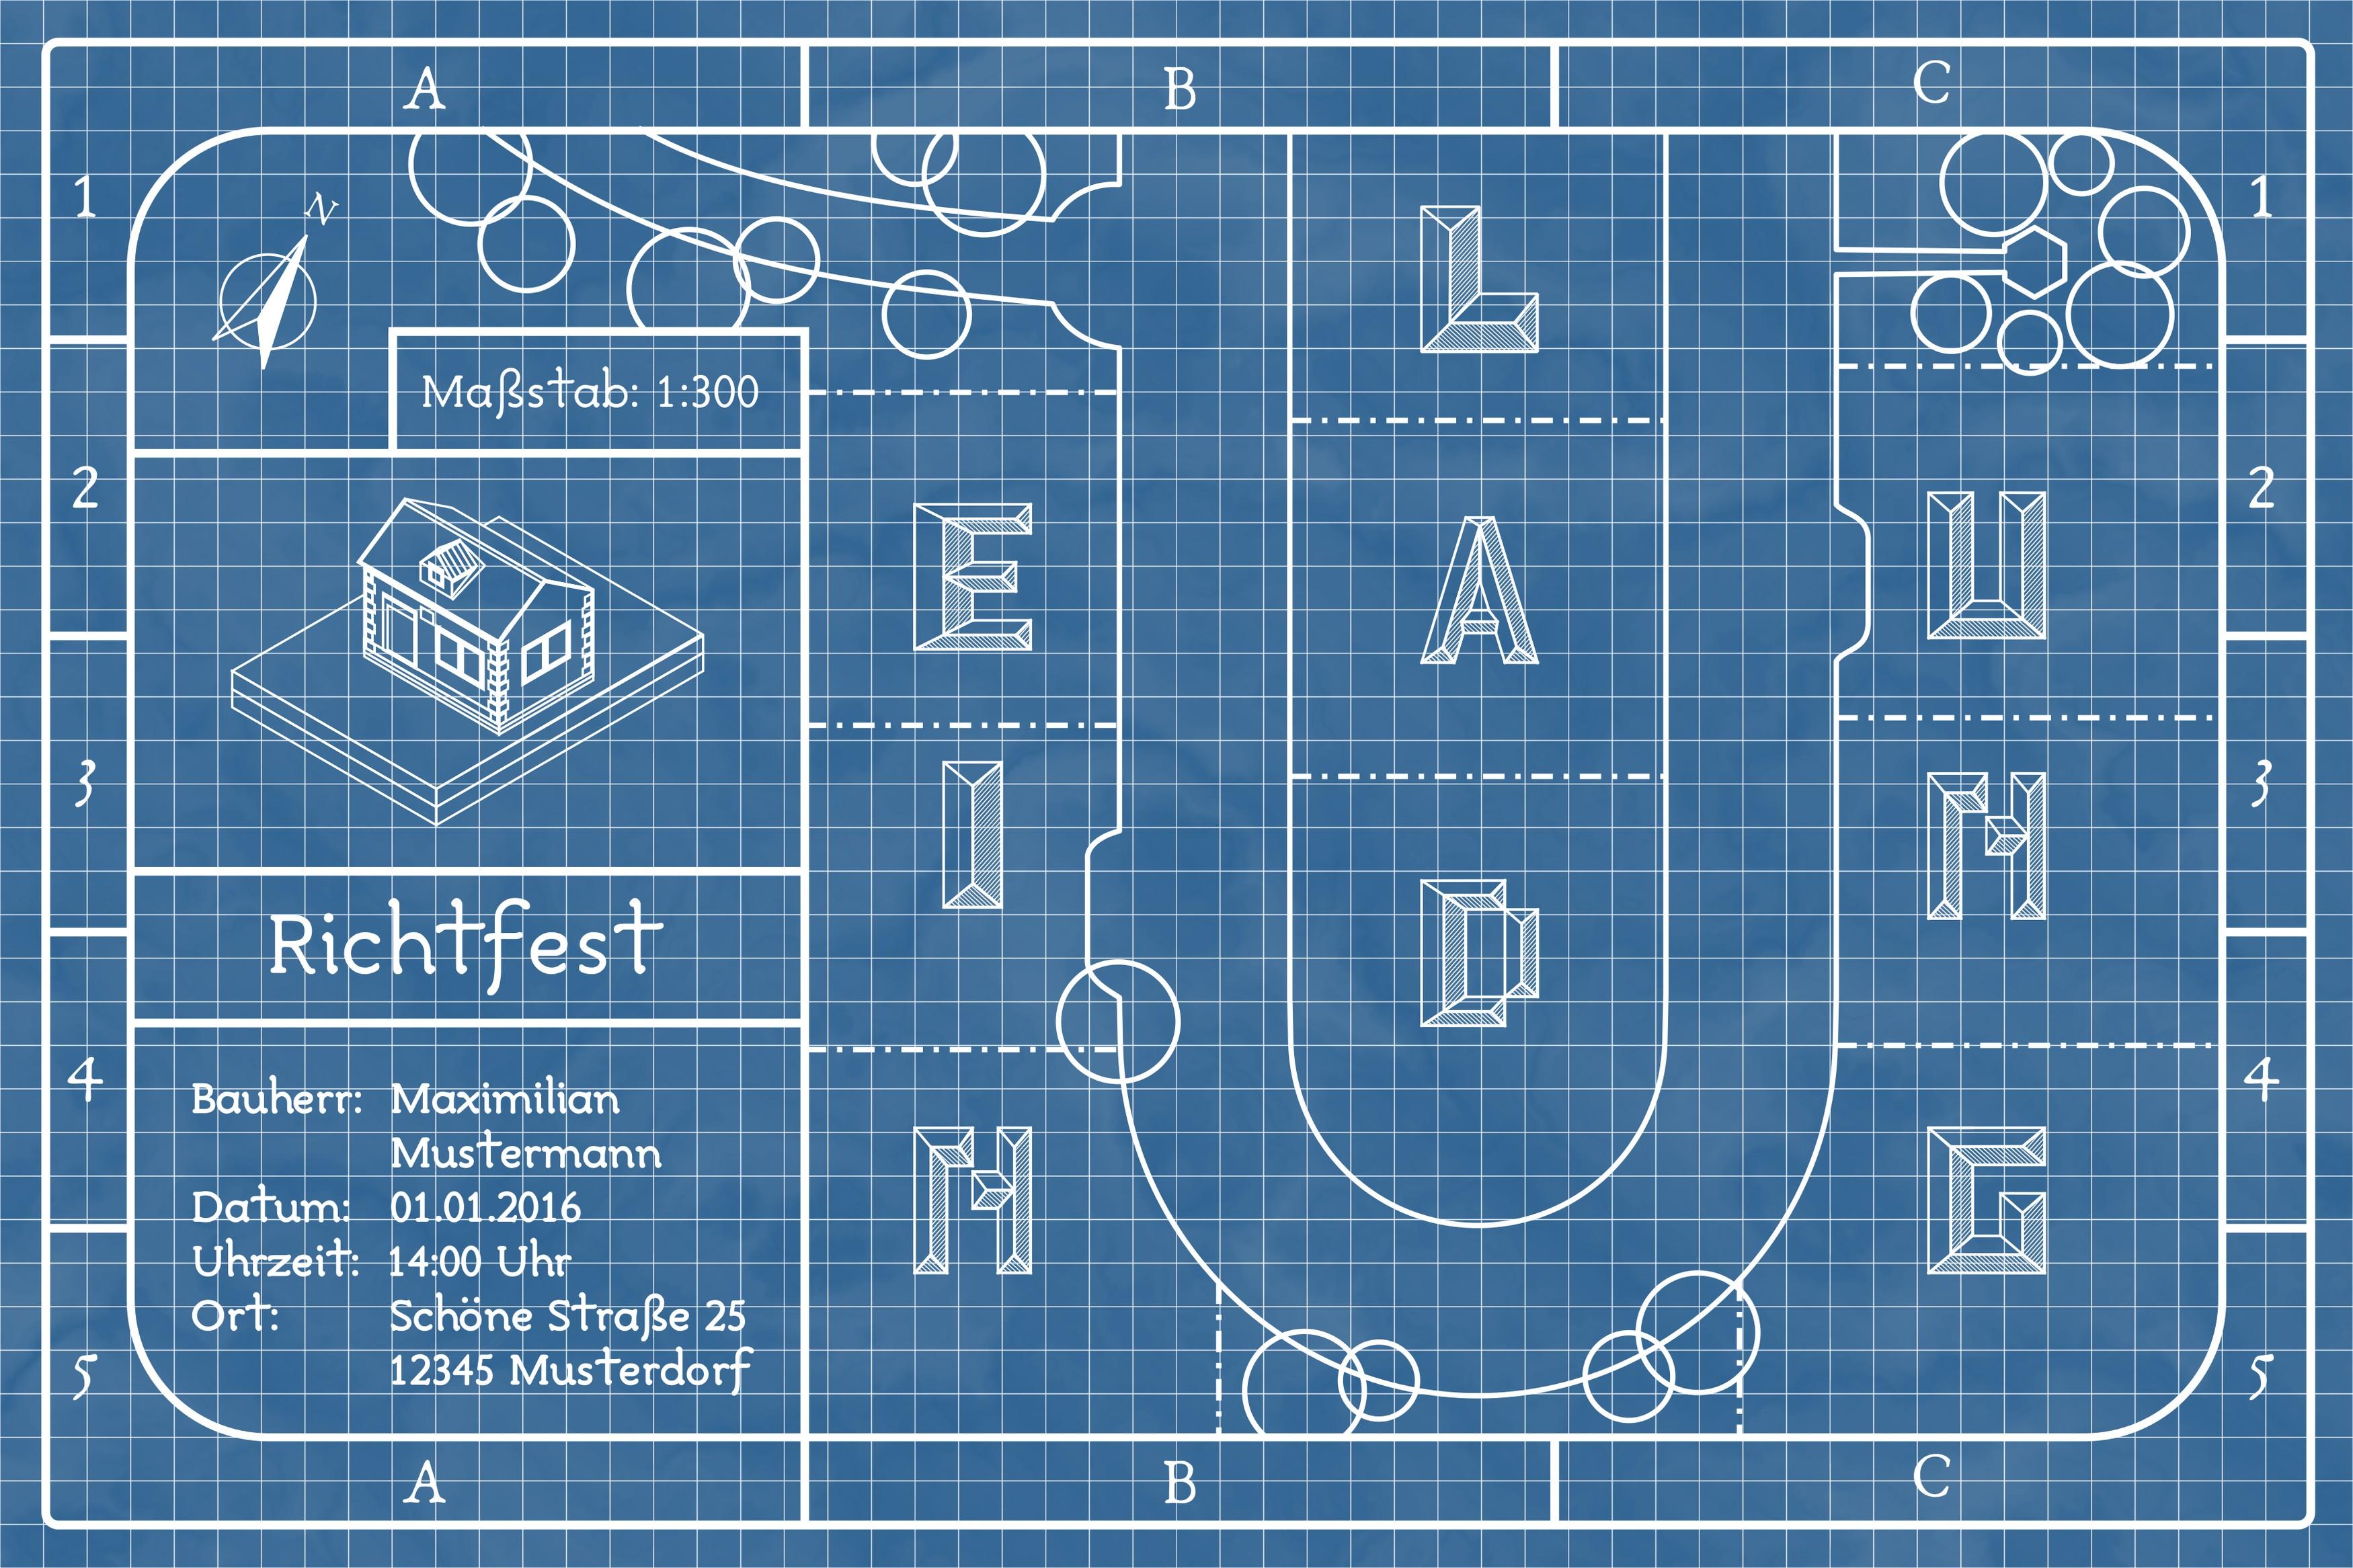 einladungskarte zum richtfest. Black Bedroom Furniture Sets. Home Design Ideas